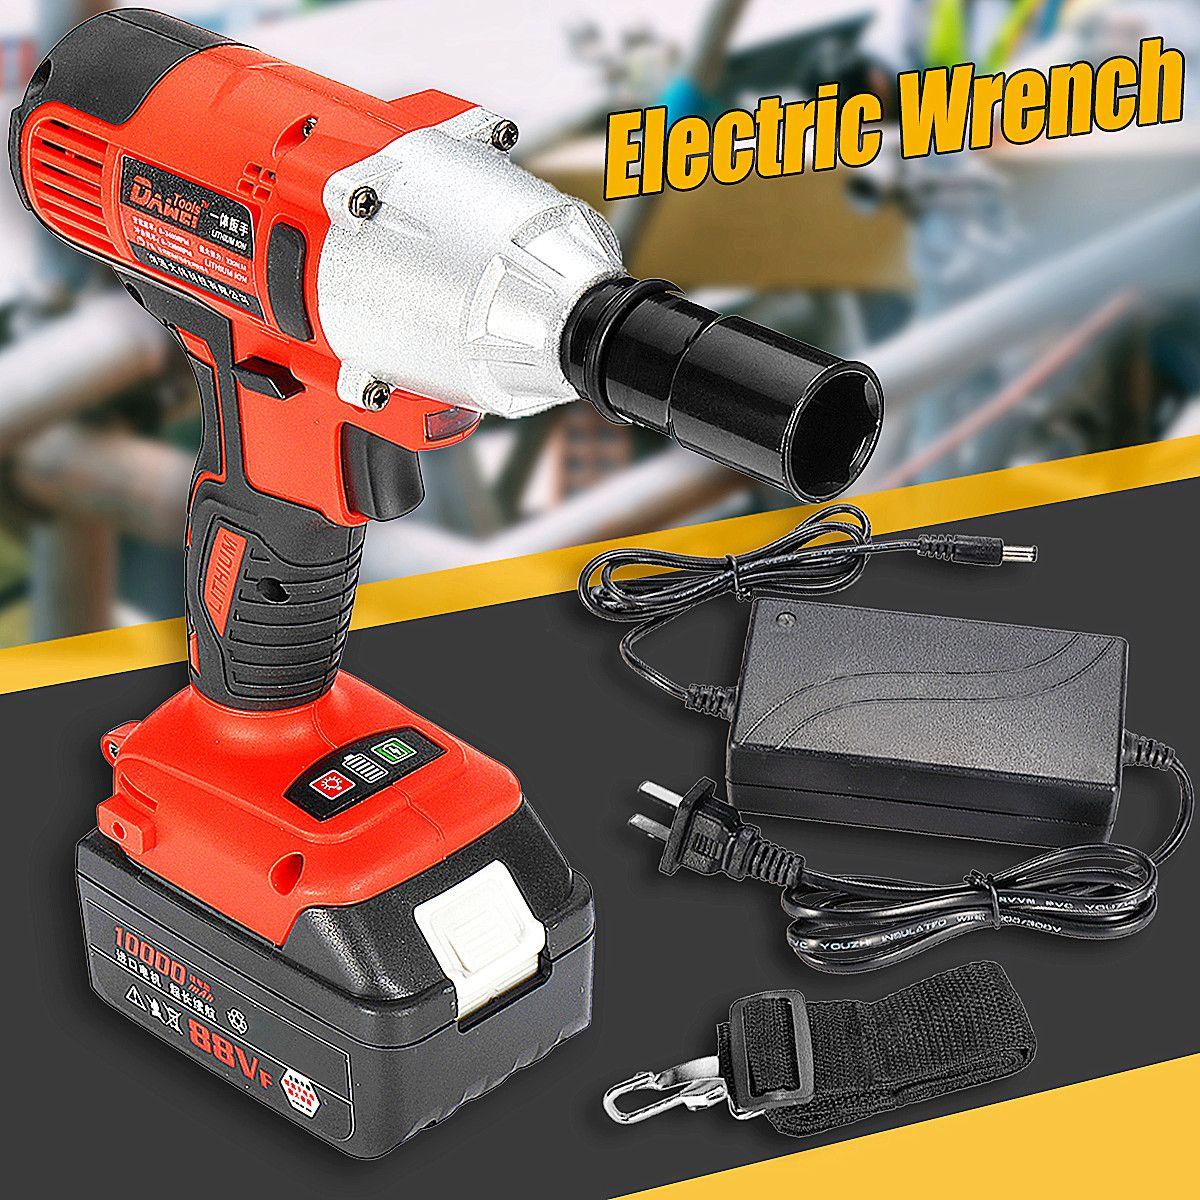 330N. M Cordless Elektrische Wrench Auswirkungen Steckschlüssel 21 v 10000 mah Li Batterie Hand Bohrer Installation Power Werkzeuge Neue Ankunft